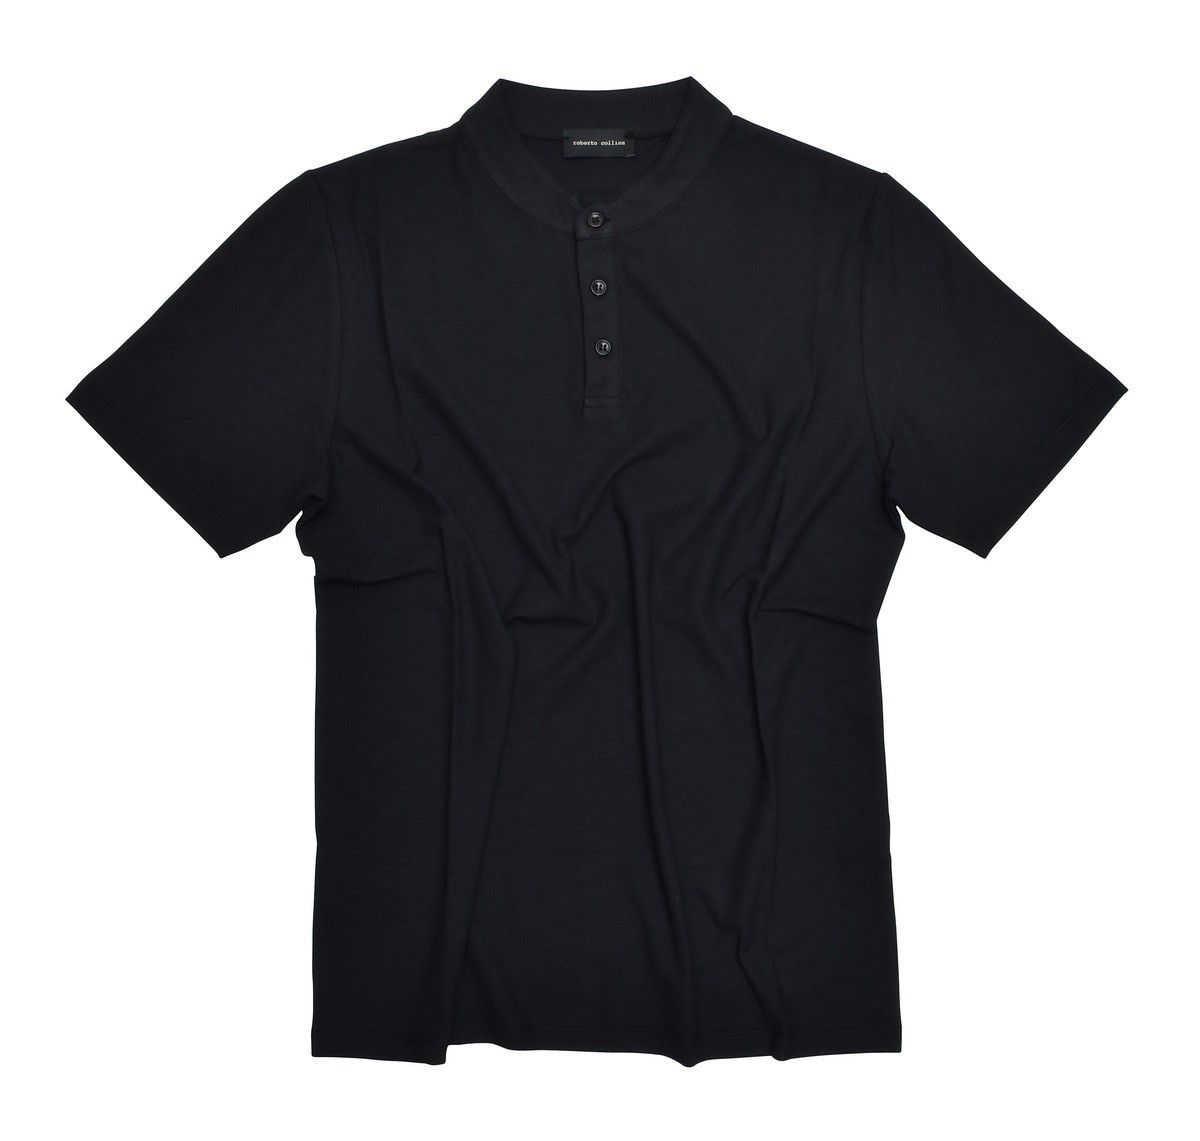 ROBERTO COLLINA - Herren T-Shirt - Serafino MC - Nero